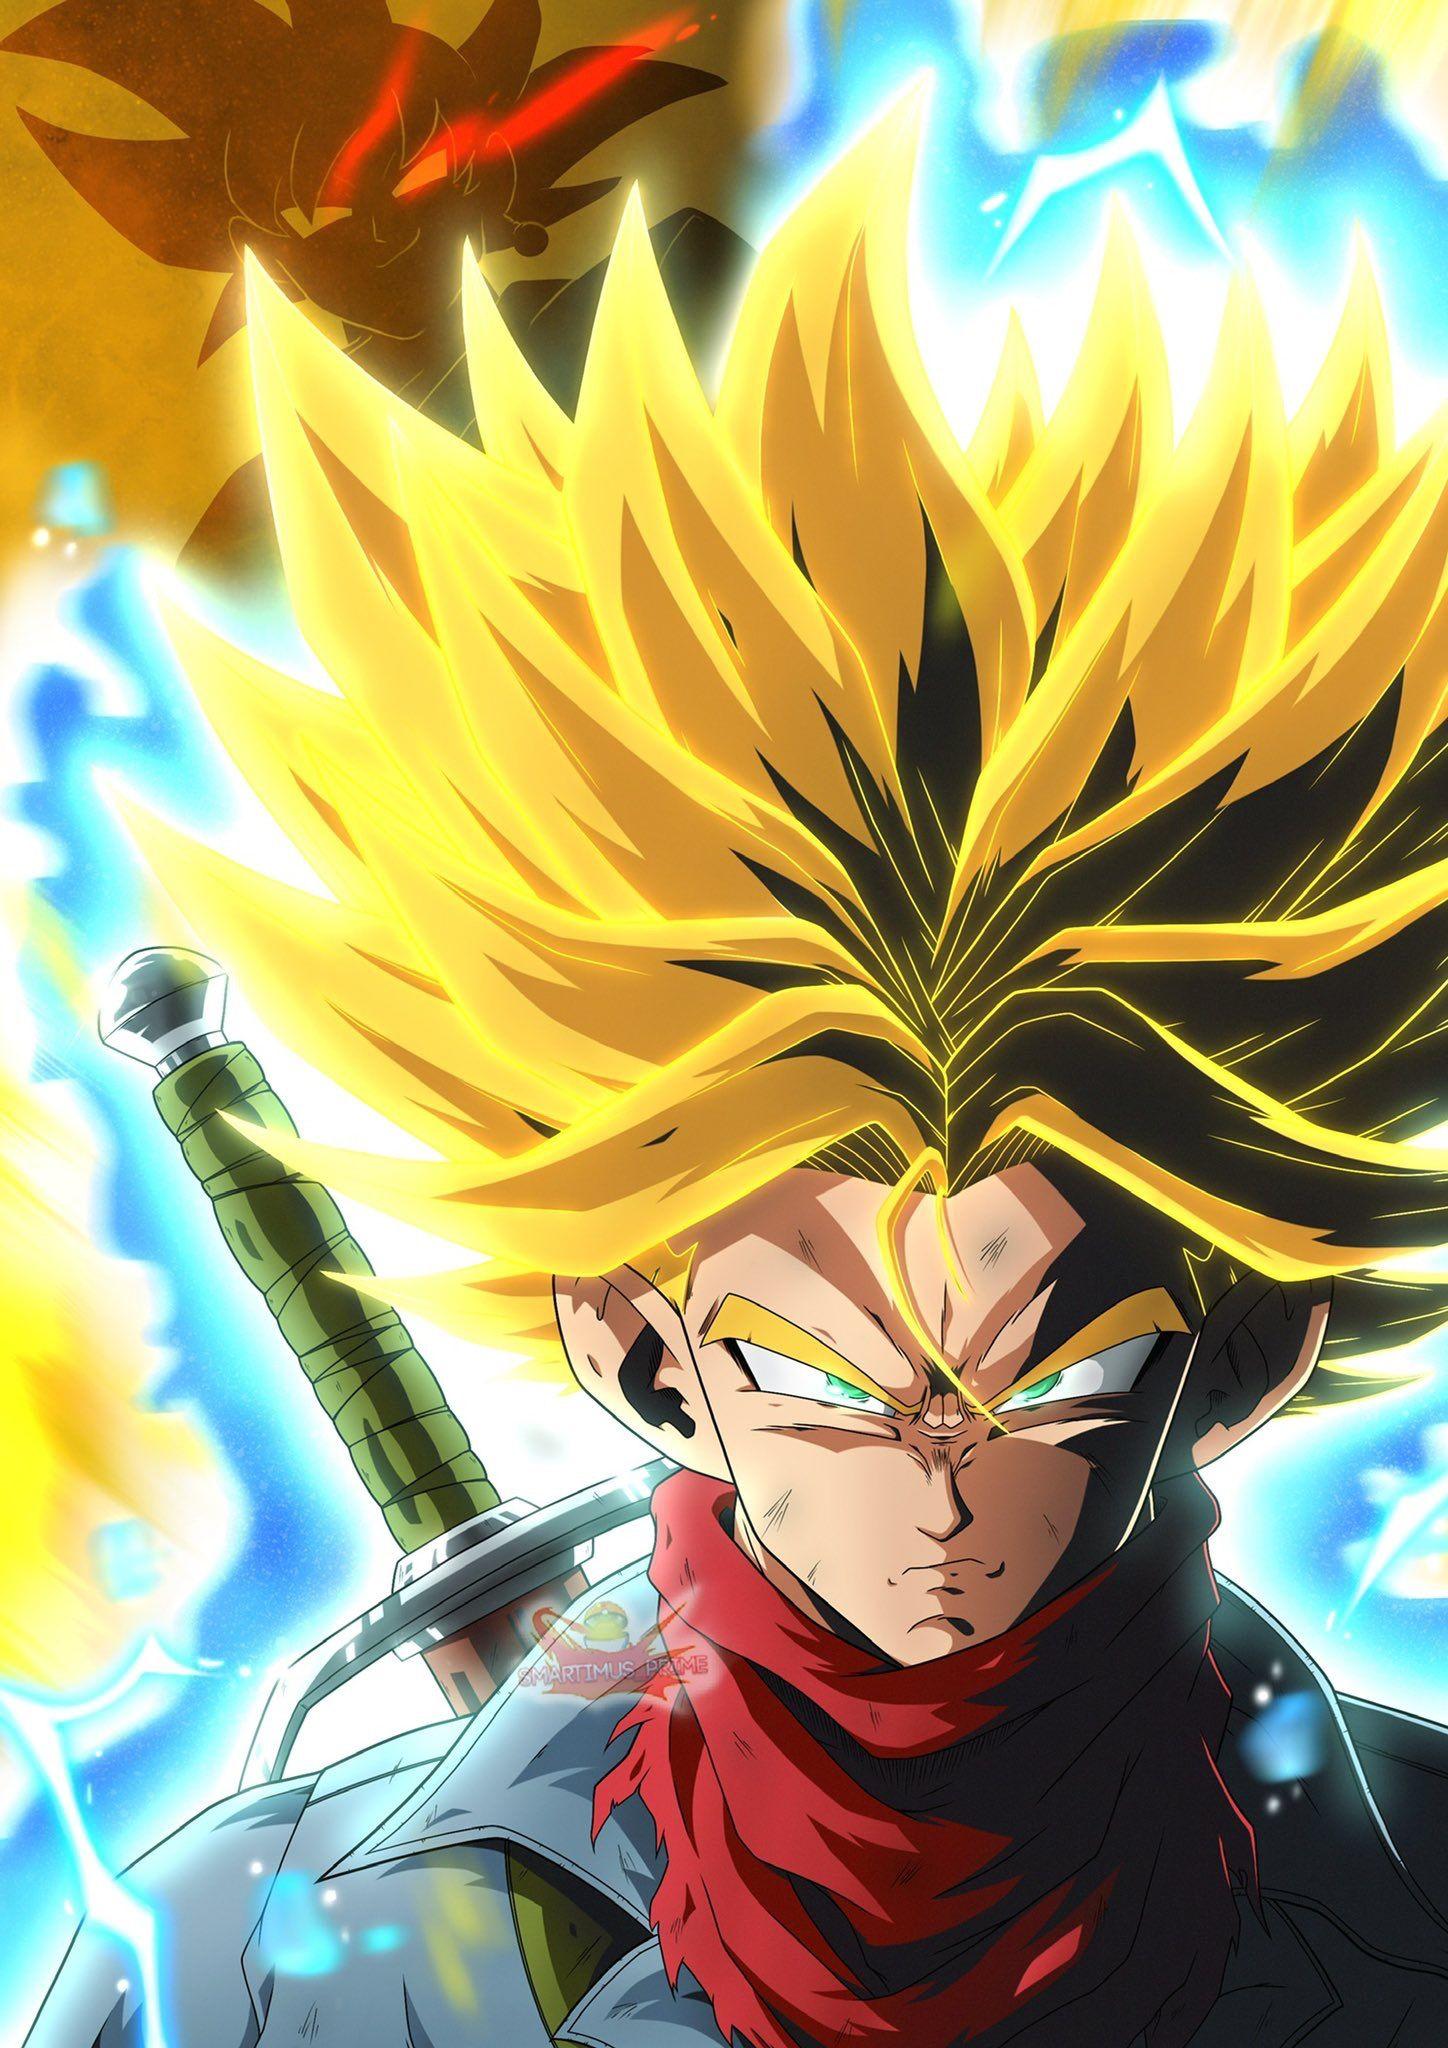 Pin by ThatGuyWho on Dragon Ball Anime dragon ball super